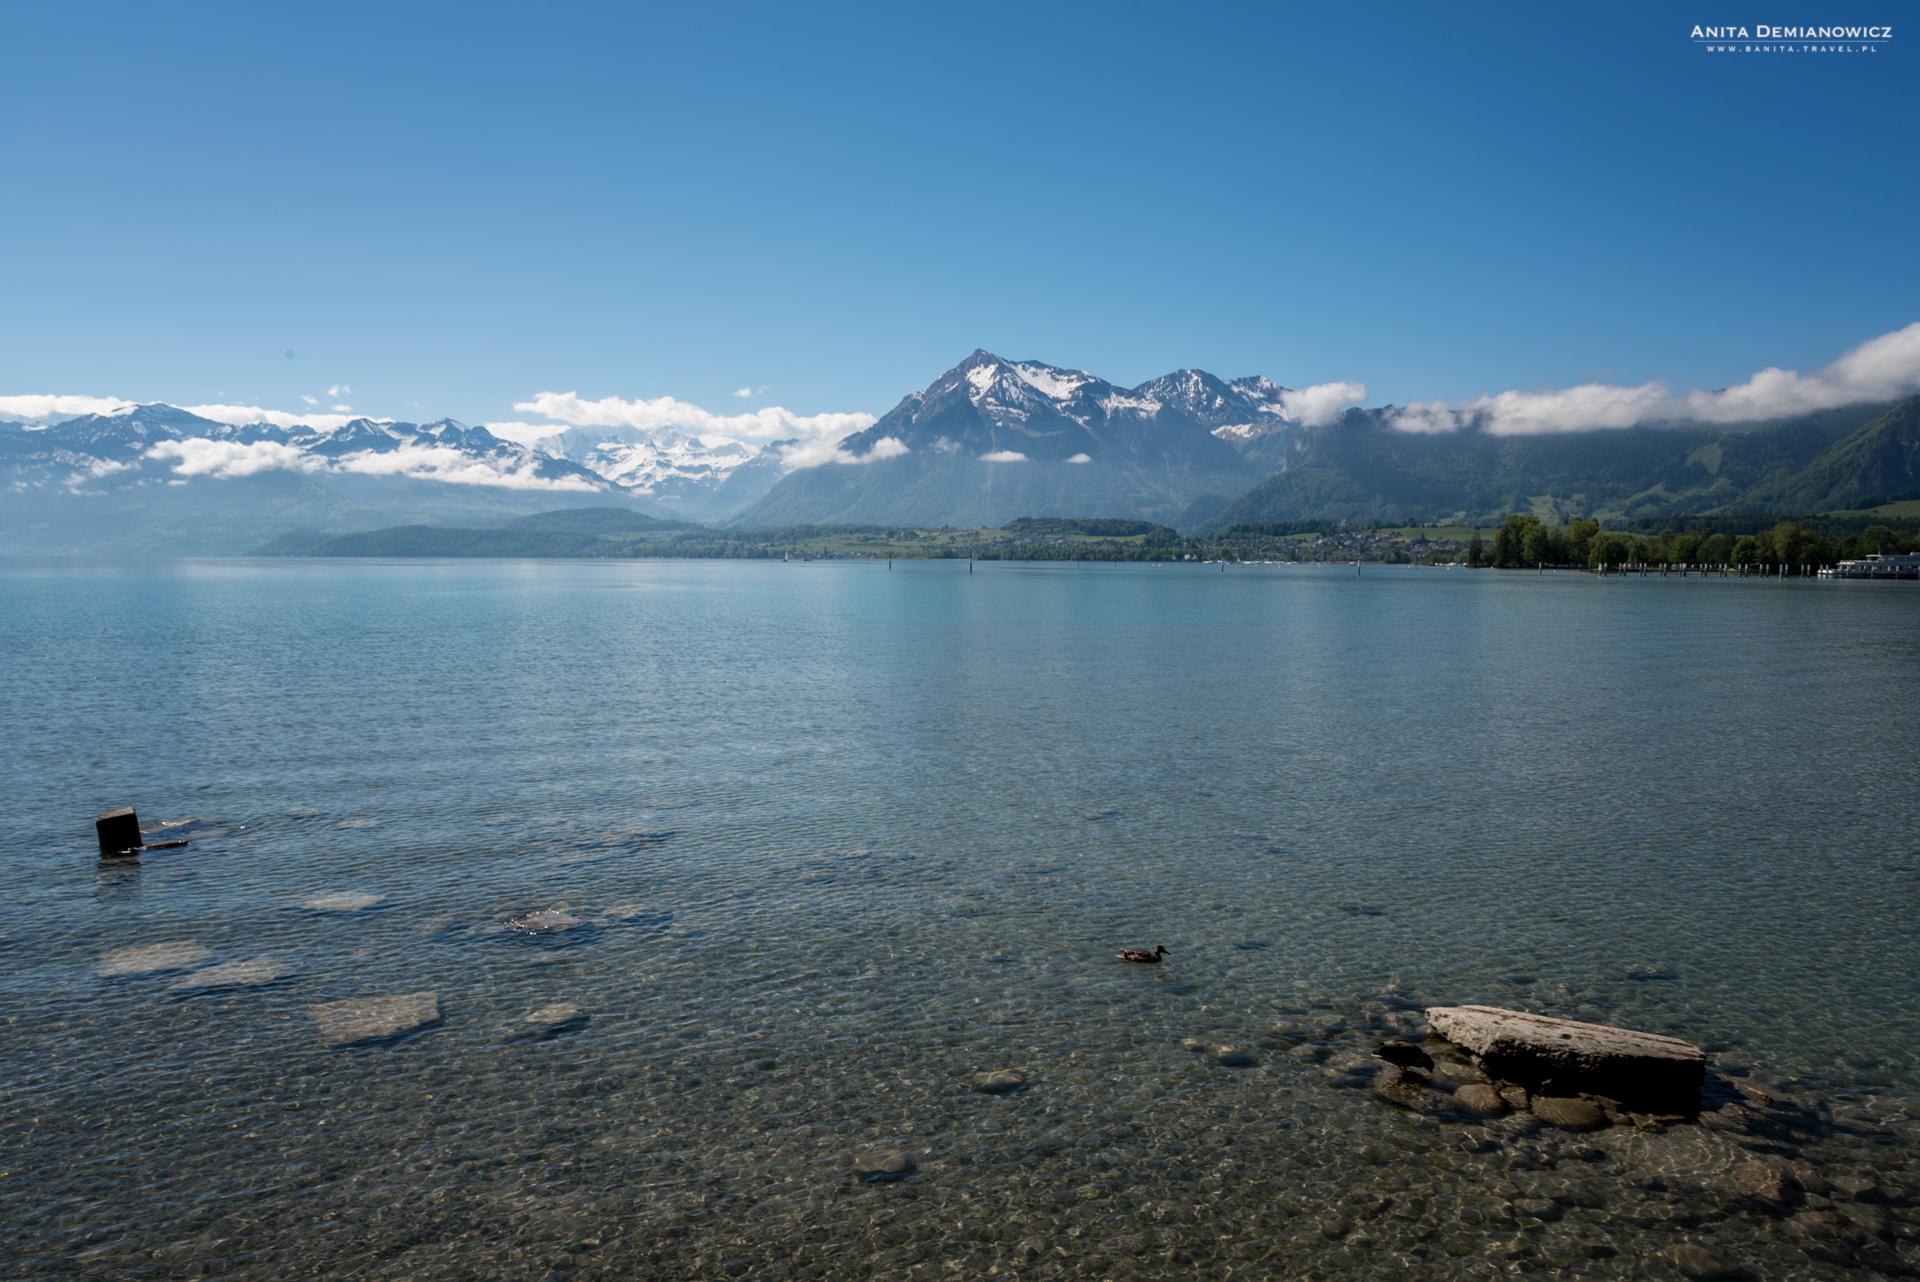 Jezioro-Thun, Szwajcaria